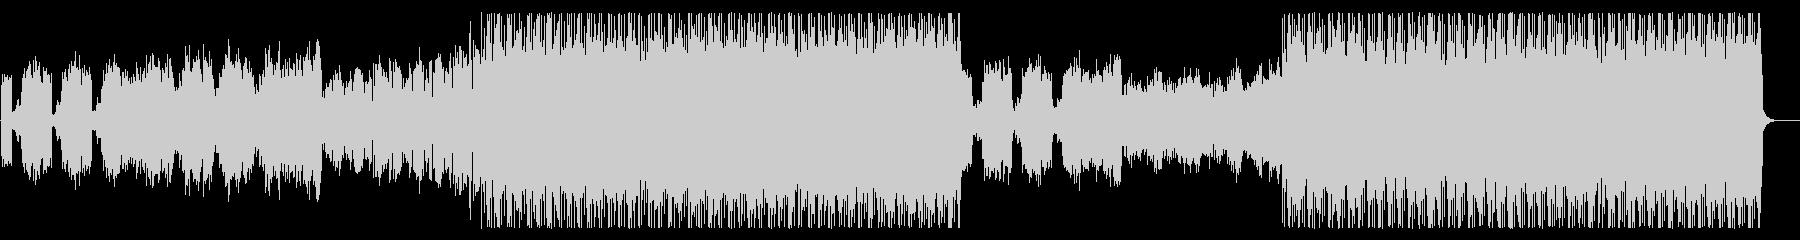 とてもハッピーなドラムンベースの未再生の波形